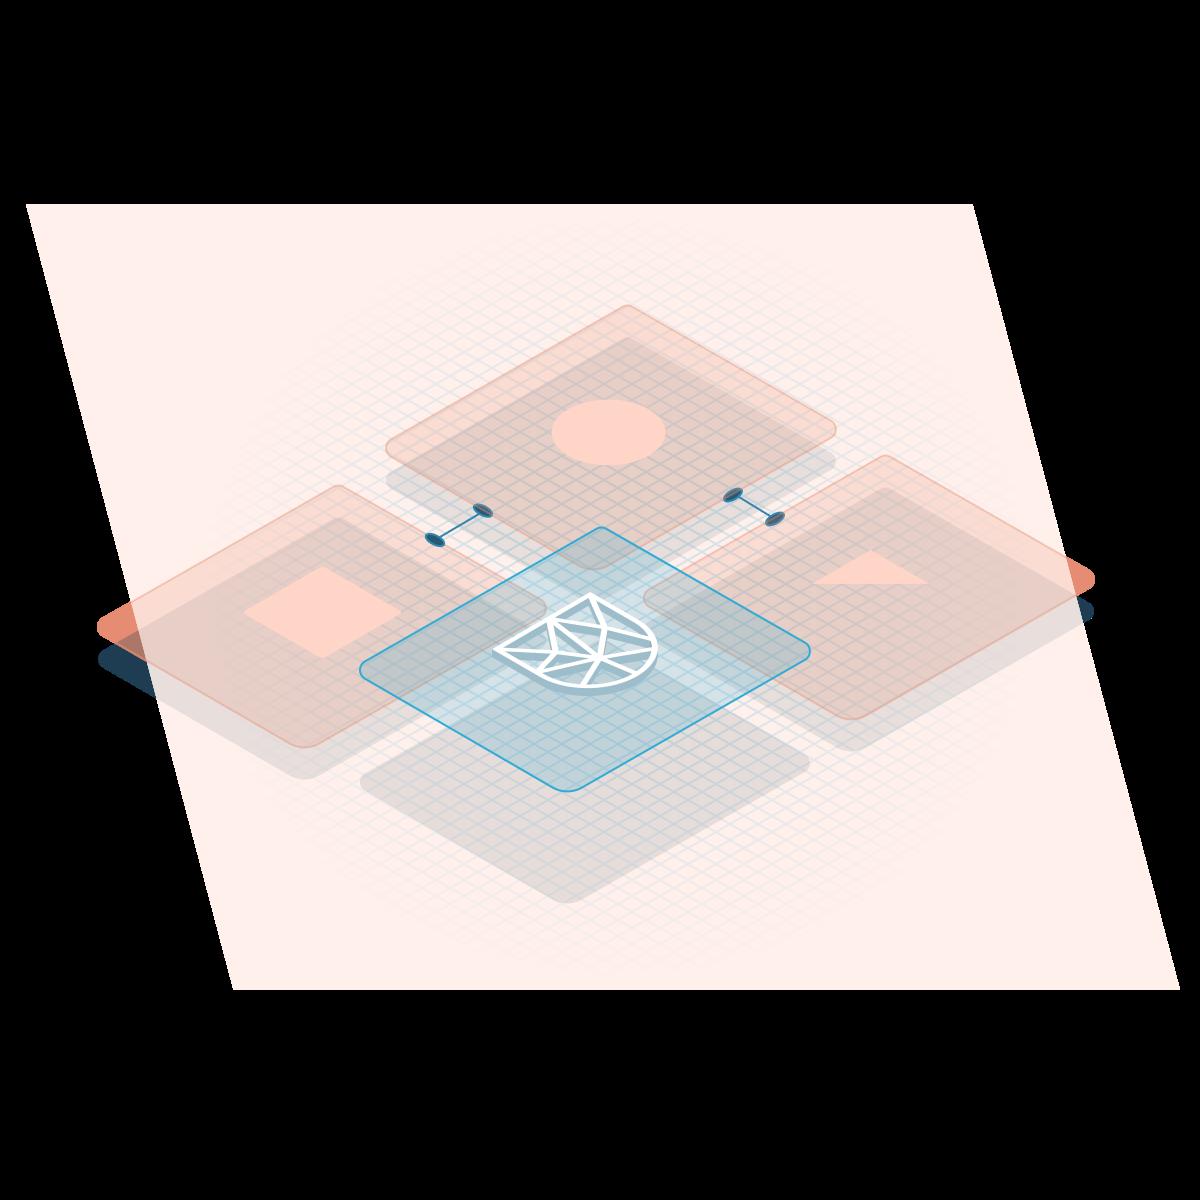 Ejemplo de la tecnología de Didomi para simplificar la conformidad para los desarrolladores